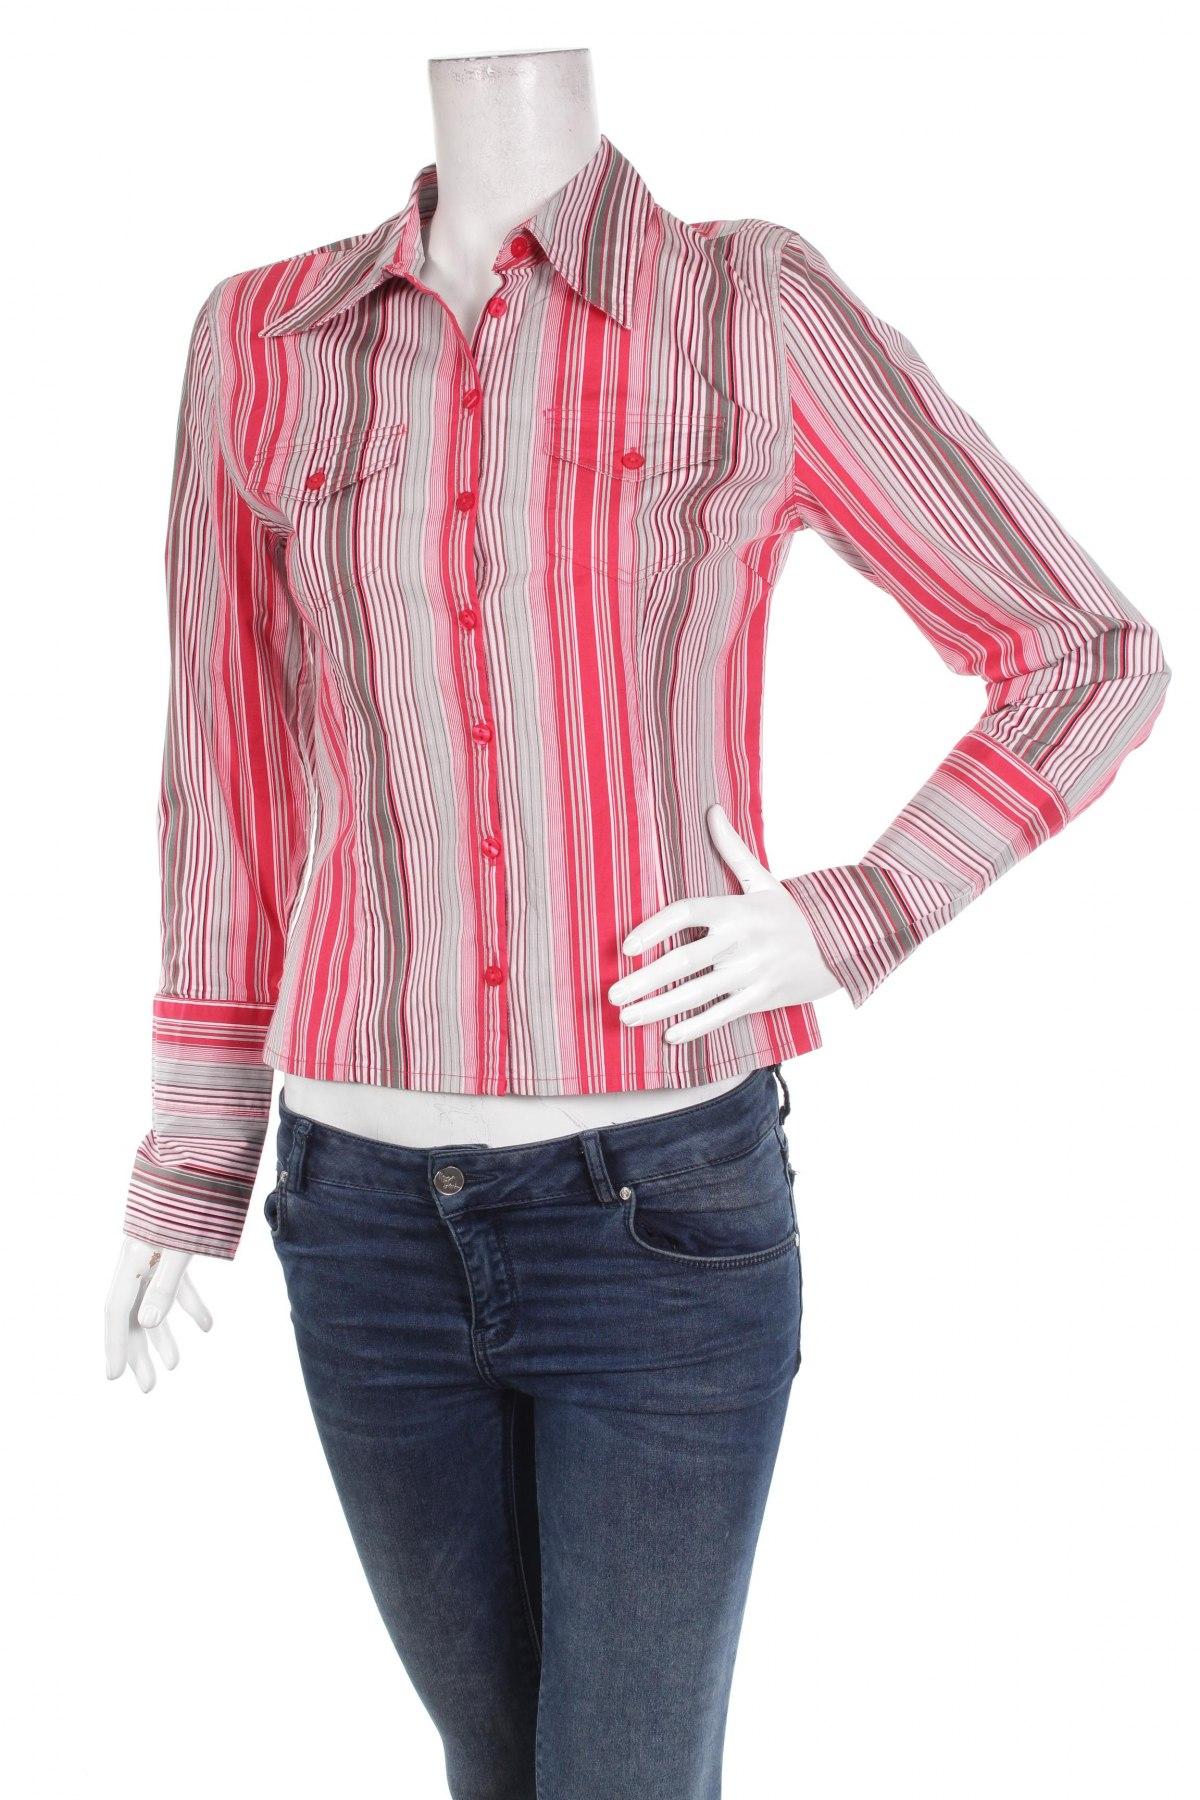 Γυναικείο πουκάμισο S.Oliver, Μέγεθος M, Χρώμα Πολύχρωμο, 95% βαμβάκι, 5% ελαστάνη, Τιμή 22,68€